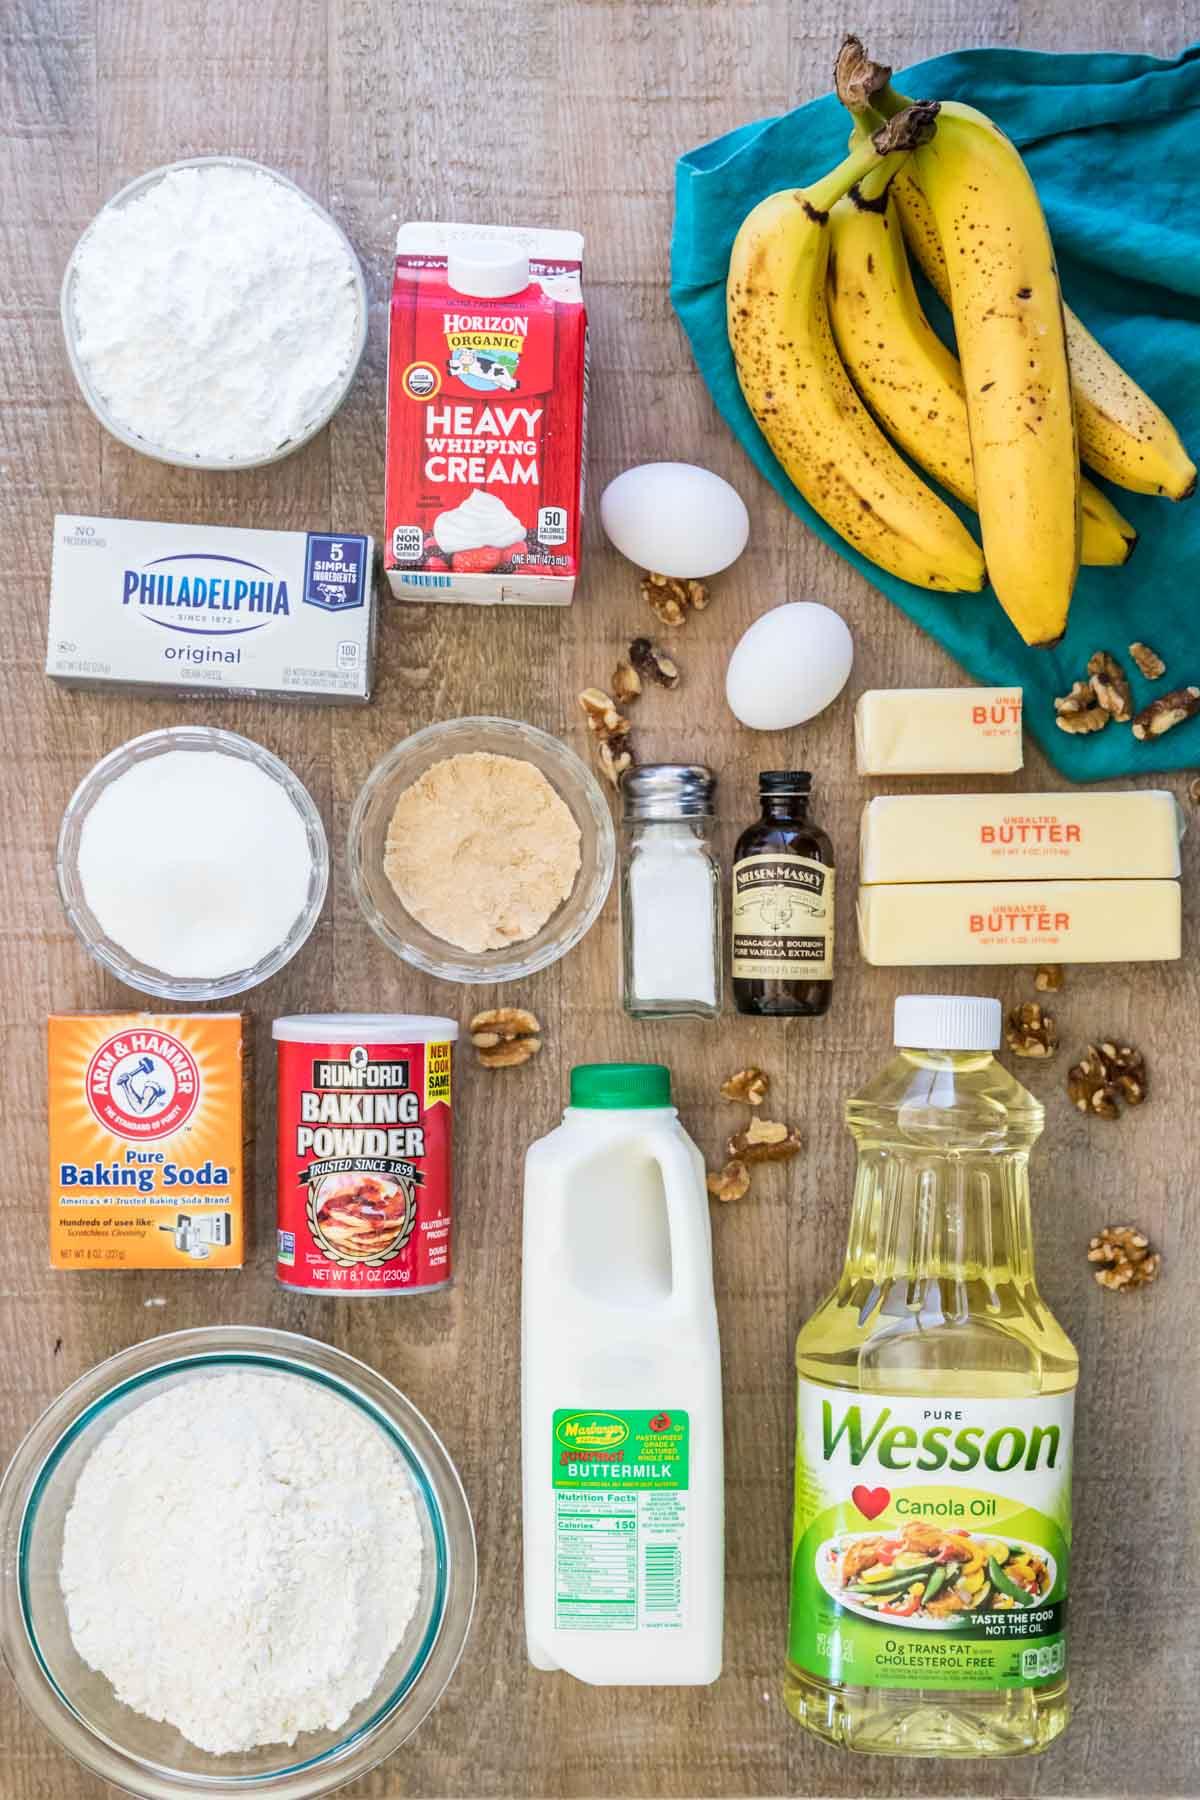 Banana cake ingredients